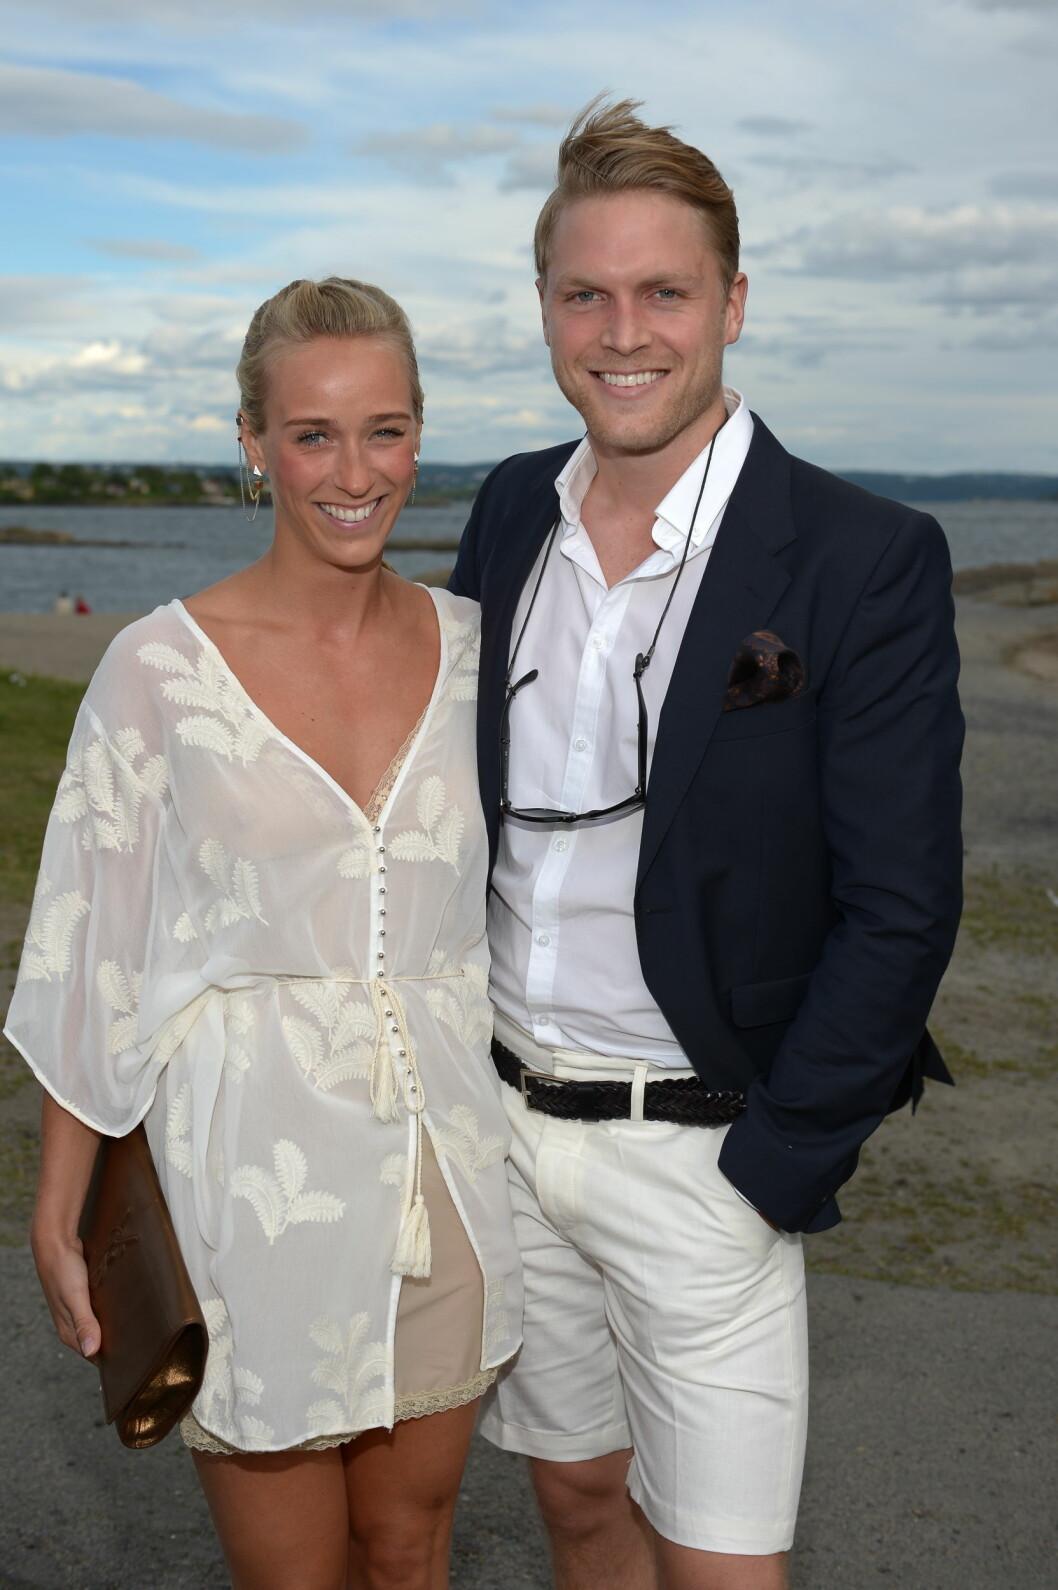 SAMMEN: Katarina Flatland og Harald Dobloug ble et par etter at de møttes på en utedo.  Foto: FameFlynet Norway